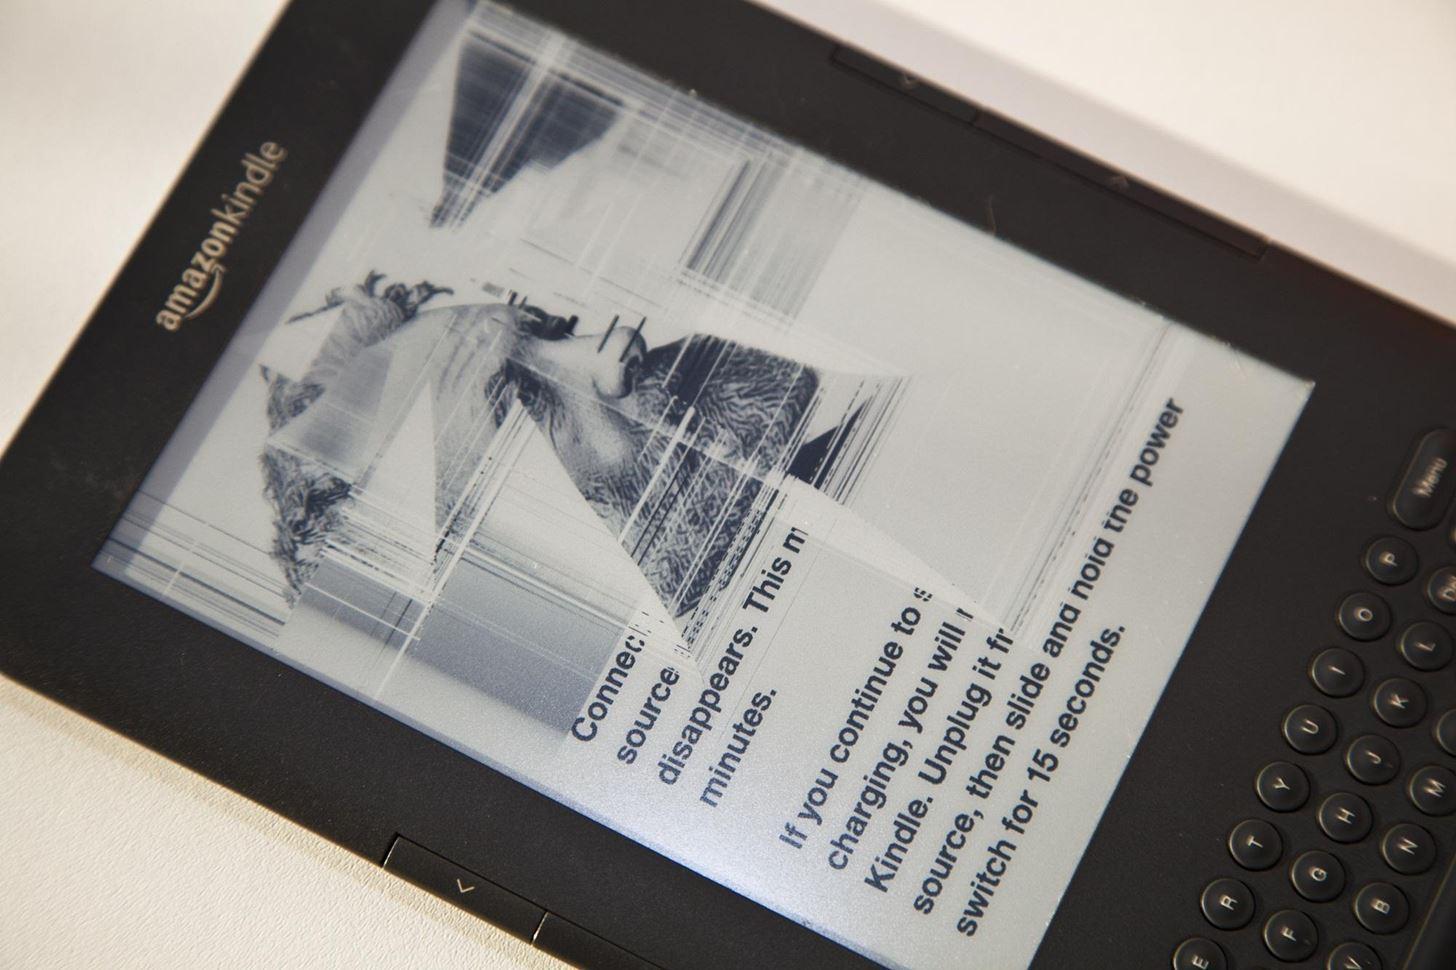 Charakterystyczne linie na uszkodzonym ekranie czytnika ebooków